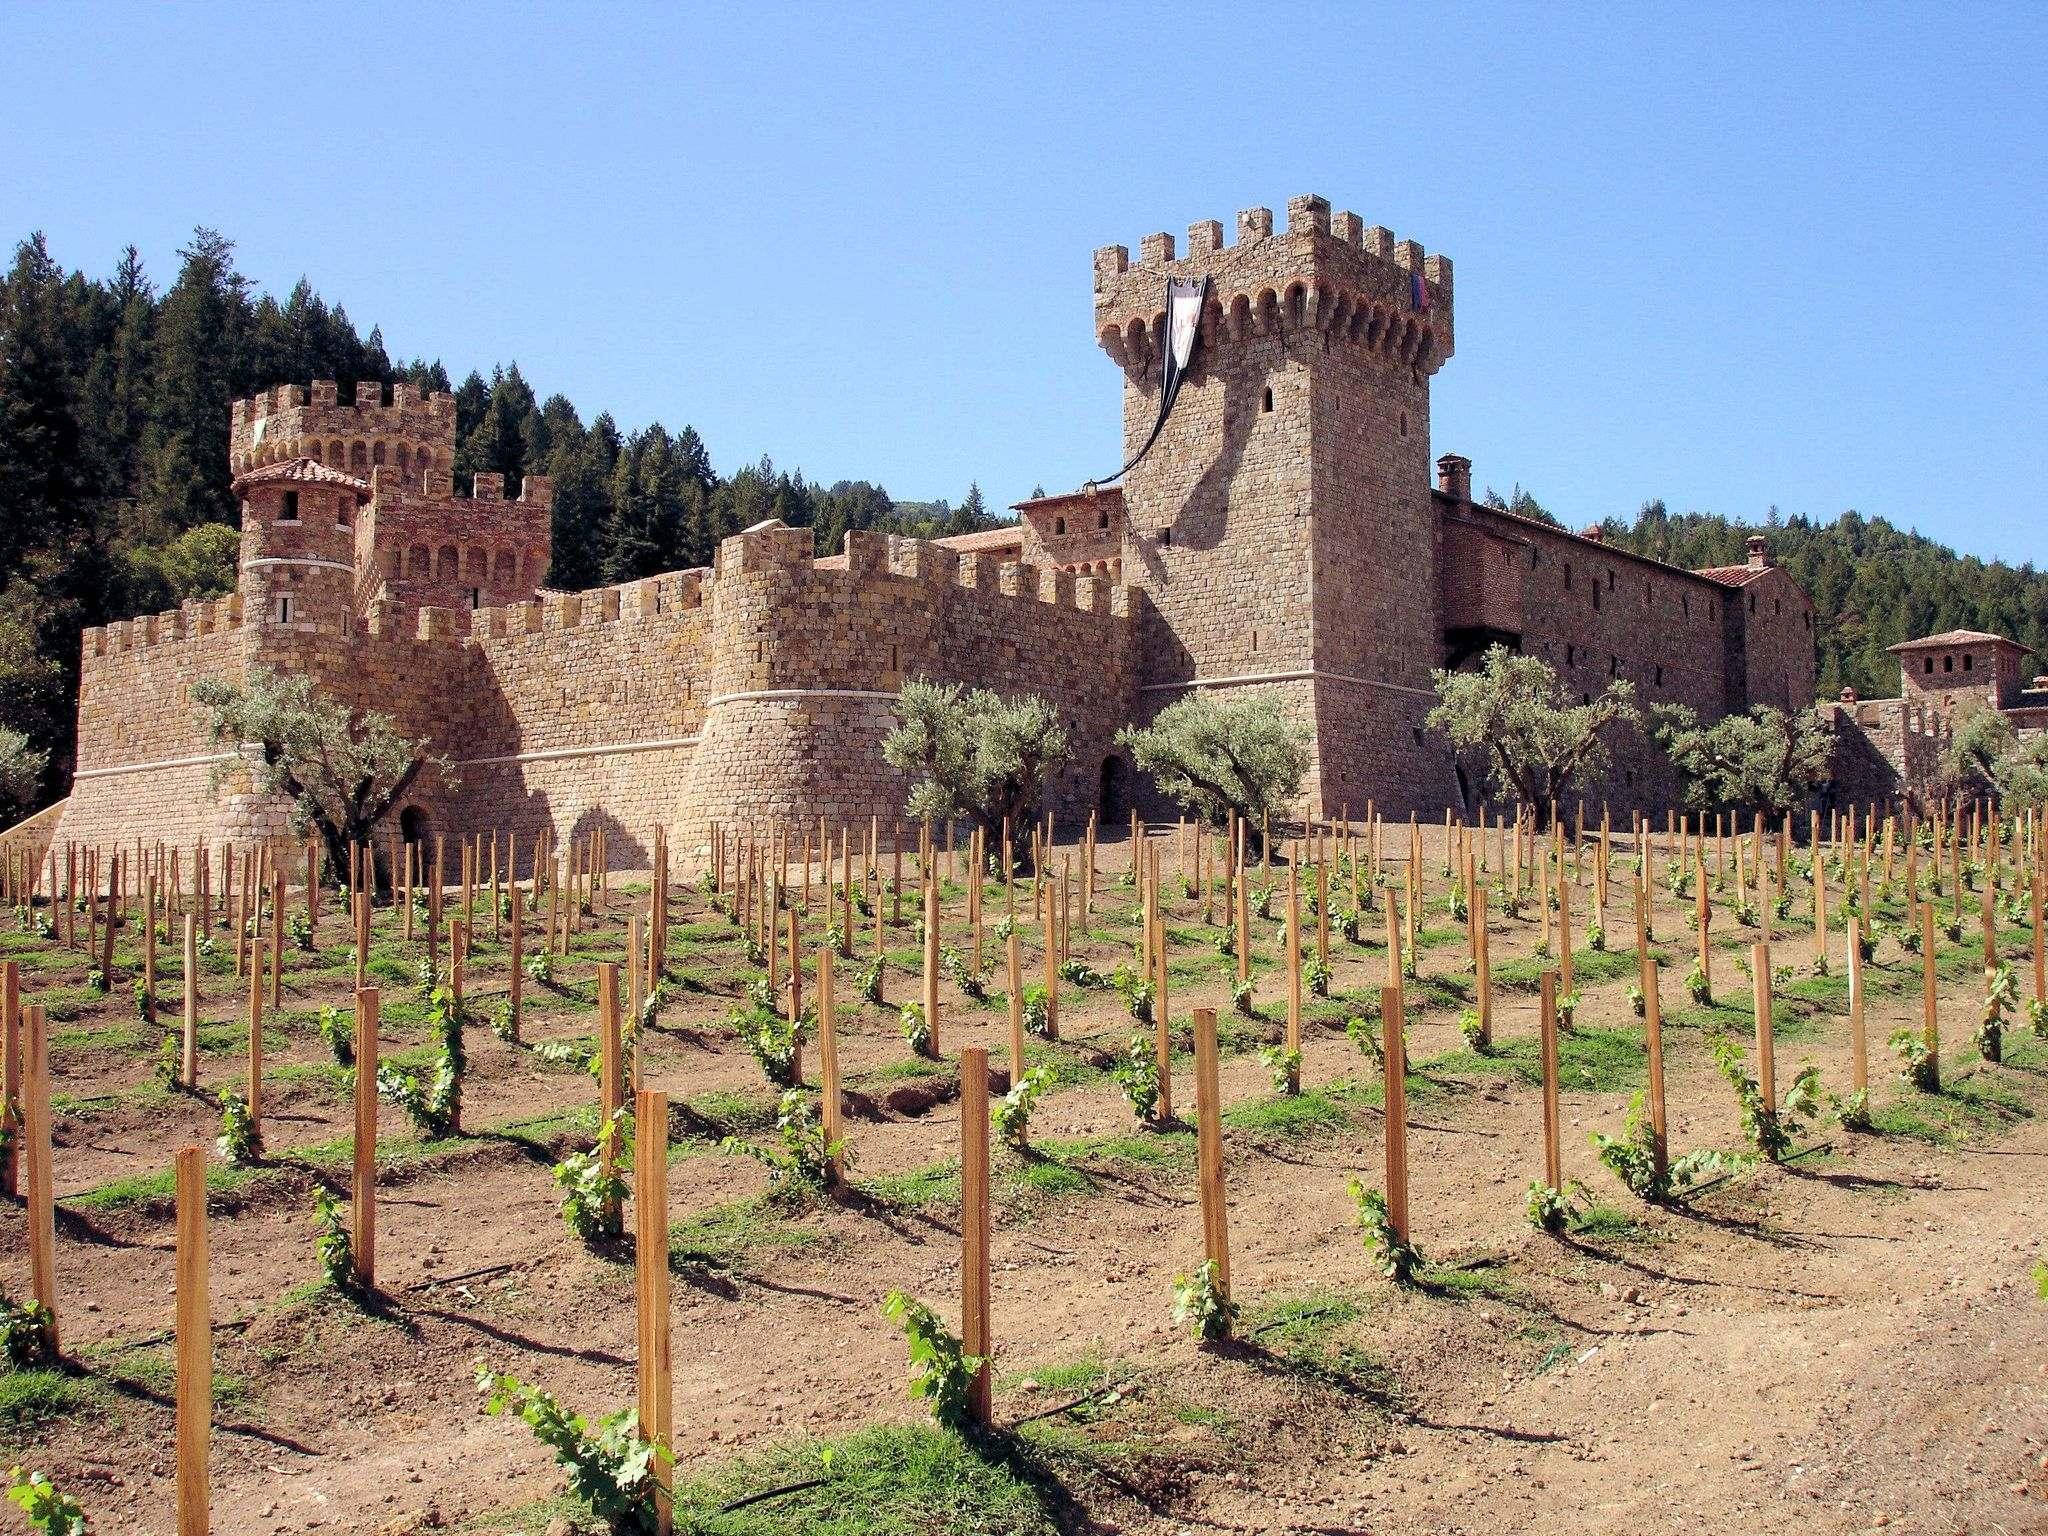 castello di amorosa Castello di Amorosa Winery in Napa Valley, California